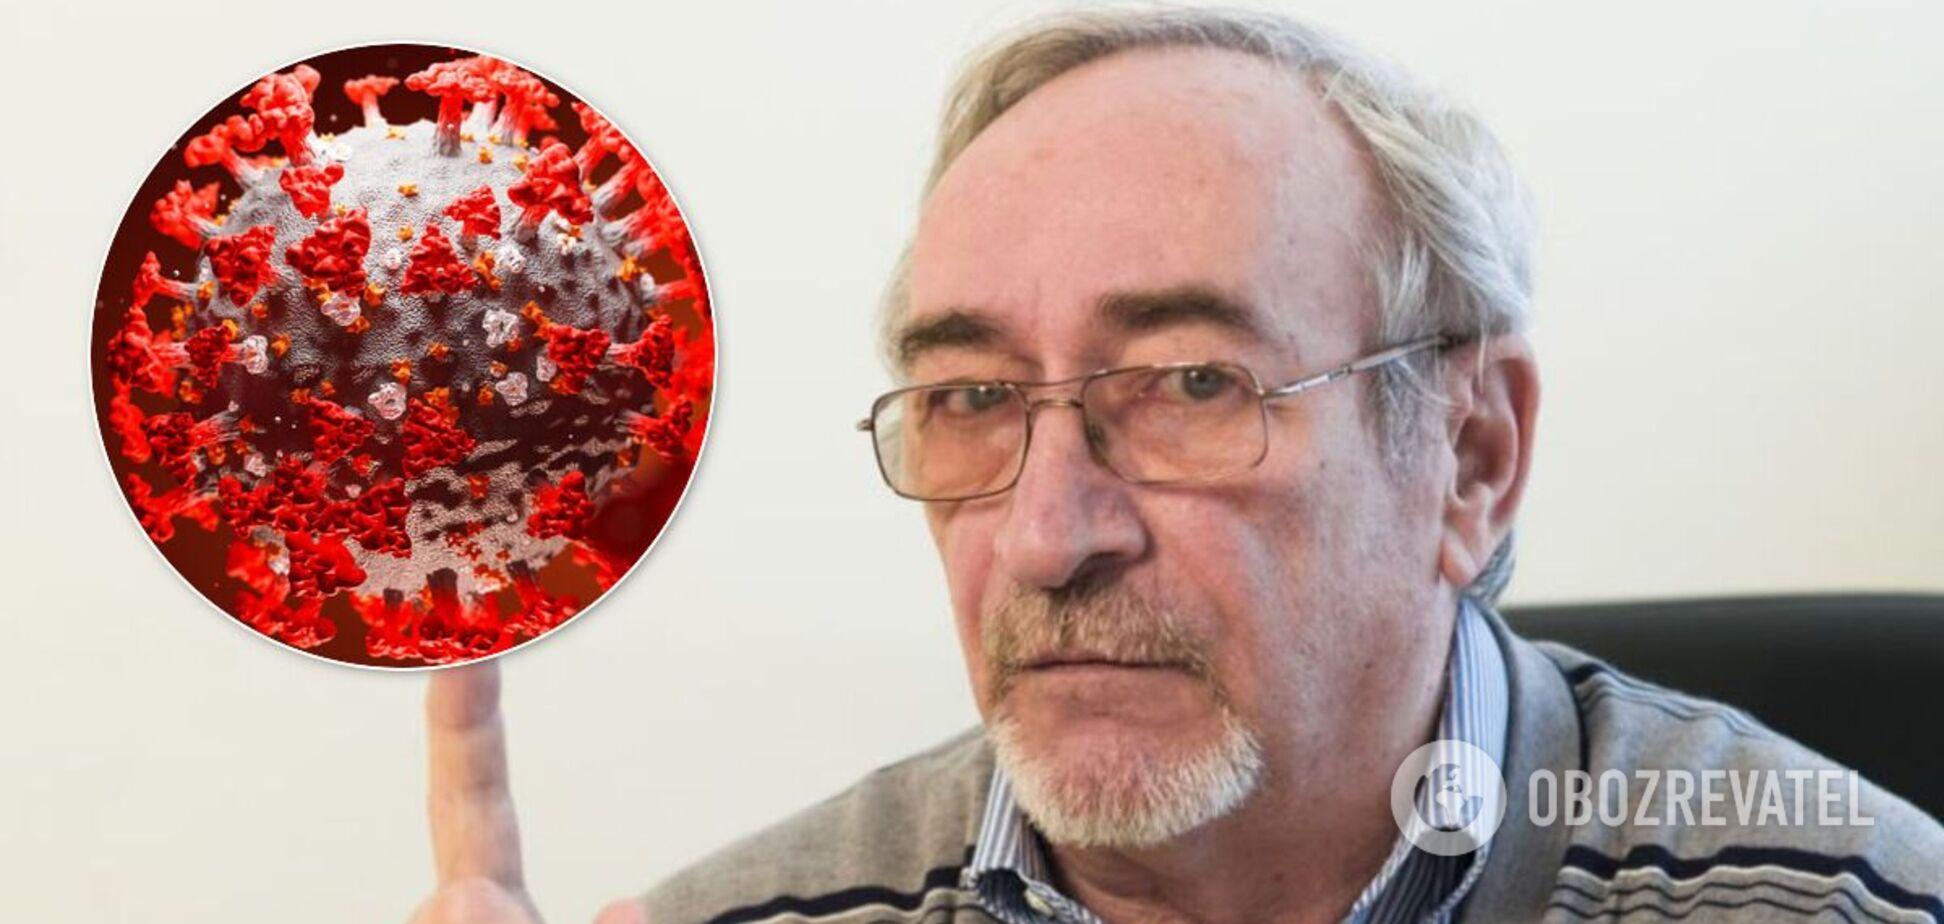 Создатель 'Новичка' Леонид Ринк выпустит лекарство от коронавируса